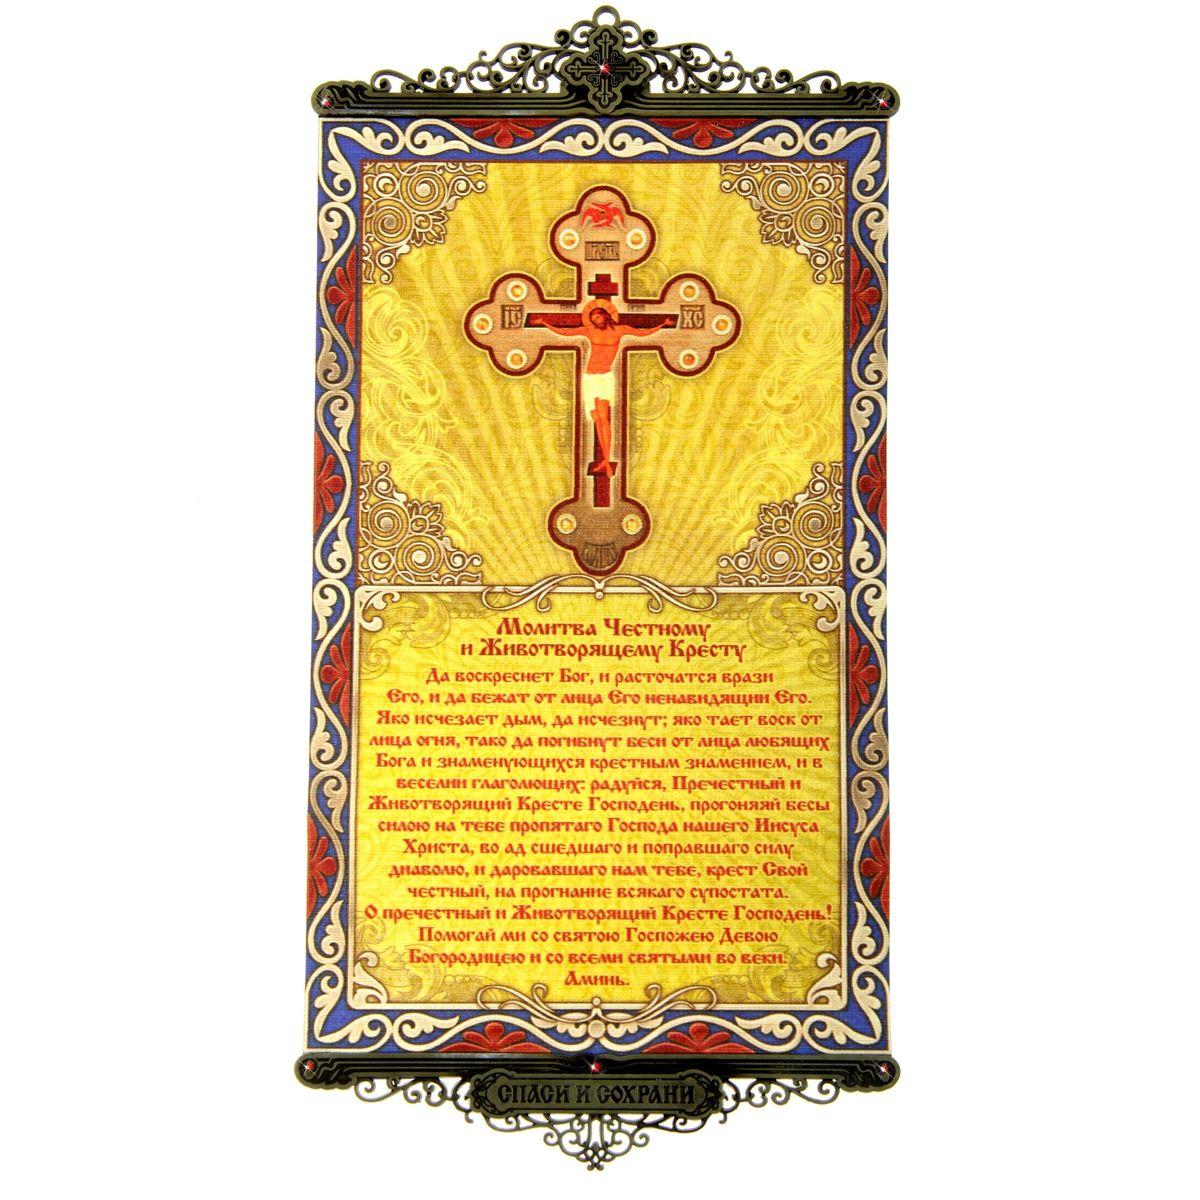 Икона с молитвой Молитва Честному и Животворящему Кресту, на подвесах602840Икона с молитвой Молитва Честному и Животворящему Кресту выполнена из плотного текстиля с нанесенным цветным рисунком, края декорированы ажурными металлическими вставками со стразами. Цветовая гамма и интерьер влияют на настроение каждого, именно поэтому так важны детали, которые нас окружают. Знатоки интерьерных решений стараются применять самые разнообразные решения при художественном оформлении внутреннего пространства и использовать все возможные материалы. Икона с молитвой на подвесах - это хорошее решение для интерьера по выгодной цене!